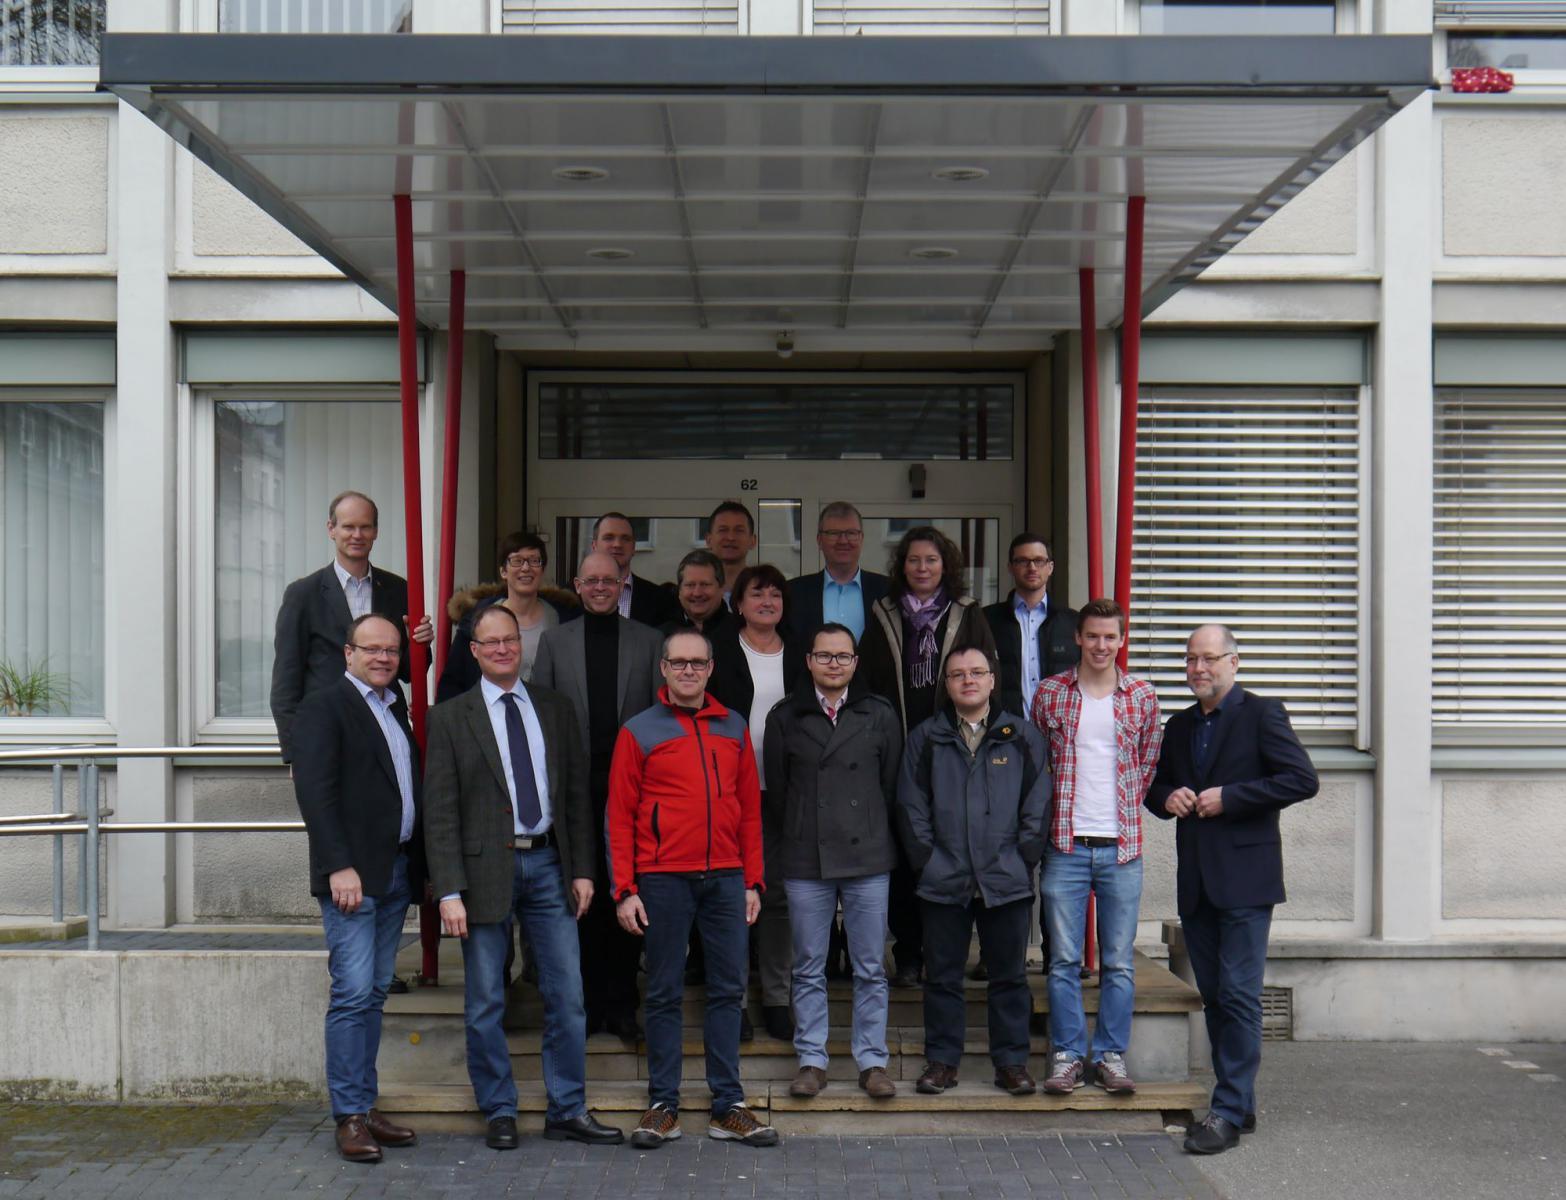 Gruppenbild des Arbeitskreis 1 in Bielefeld